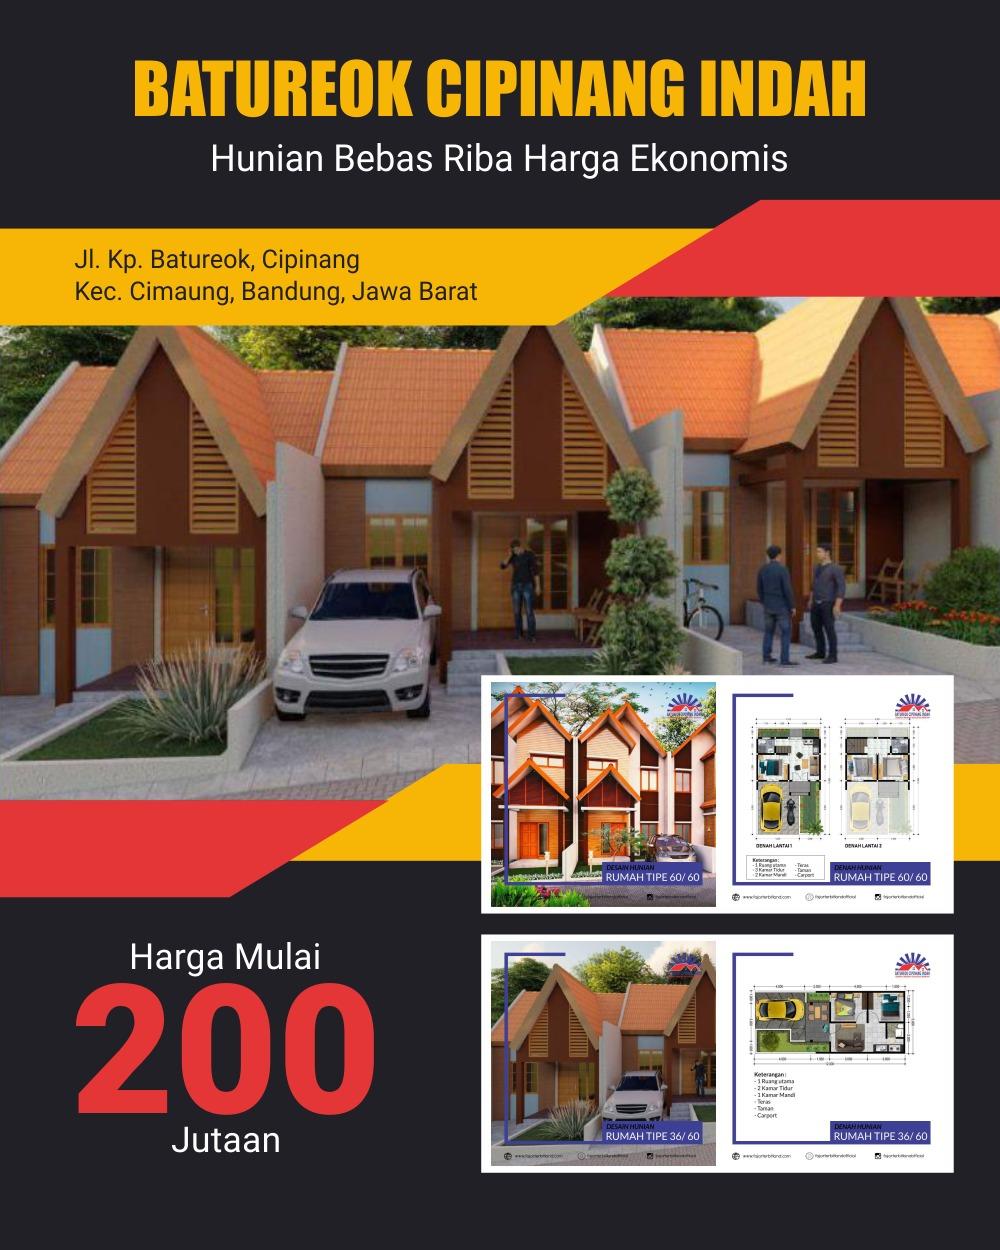 Rumah Syariah Bandung- Batureok-thumhbnail